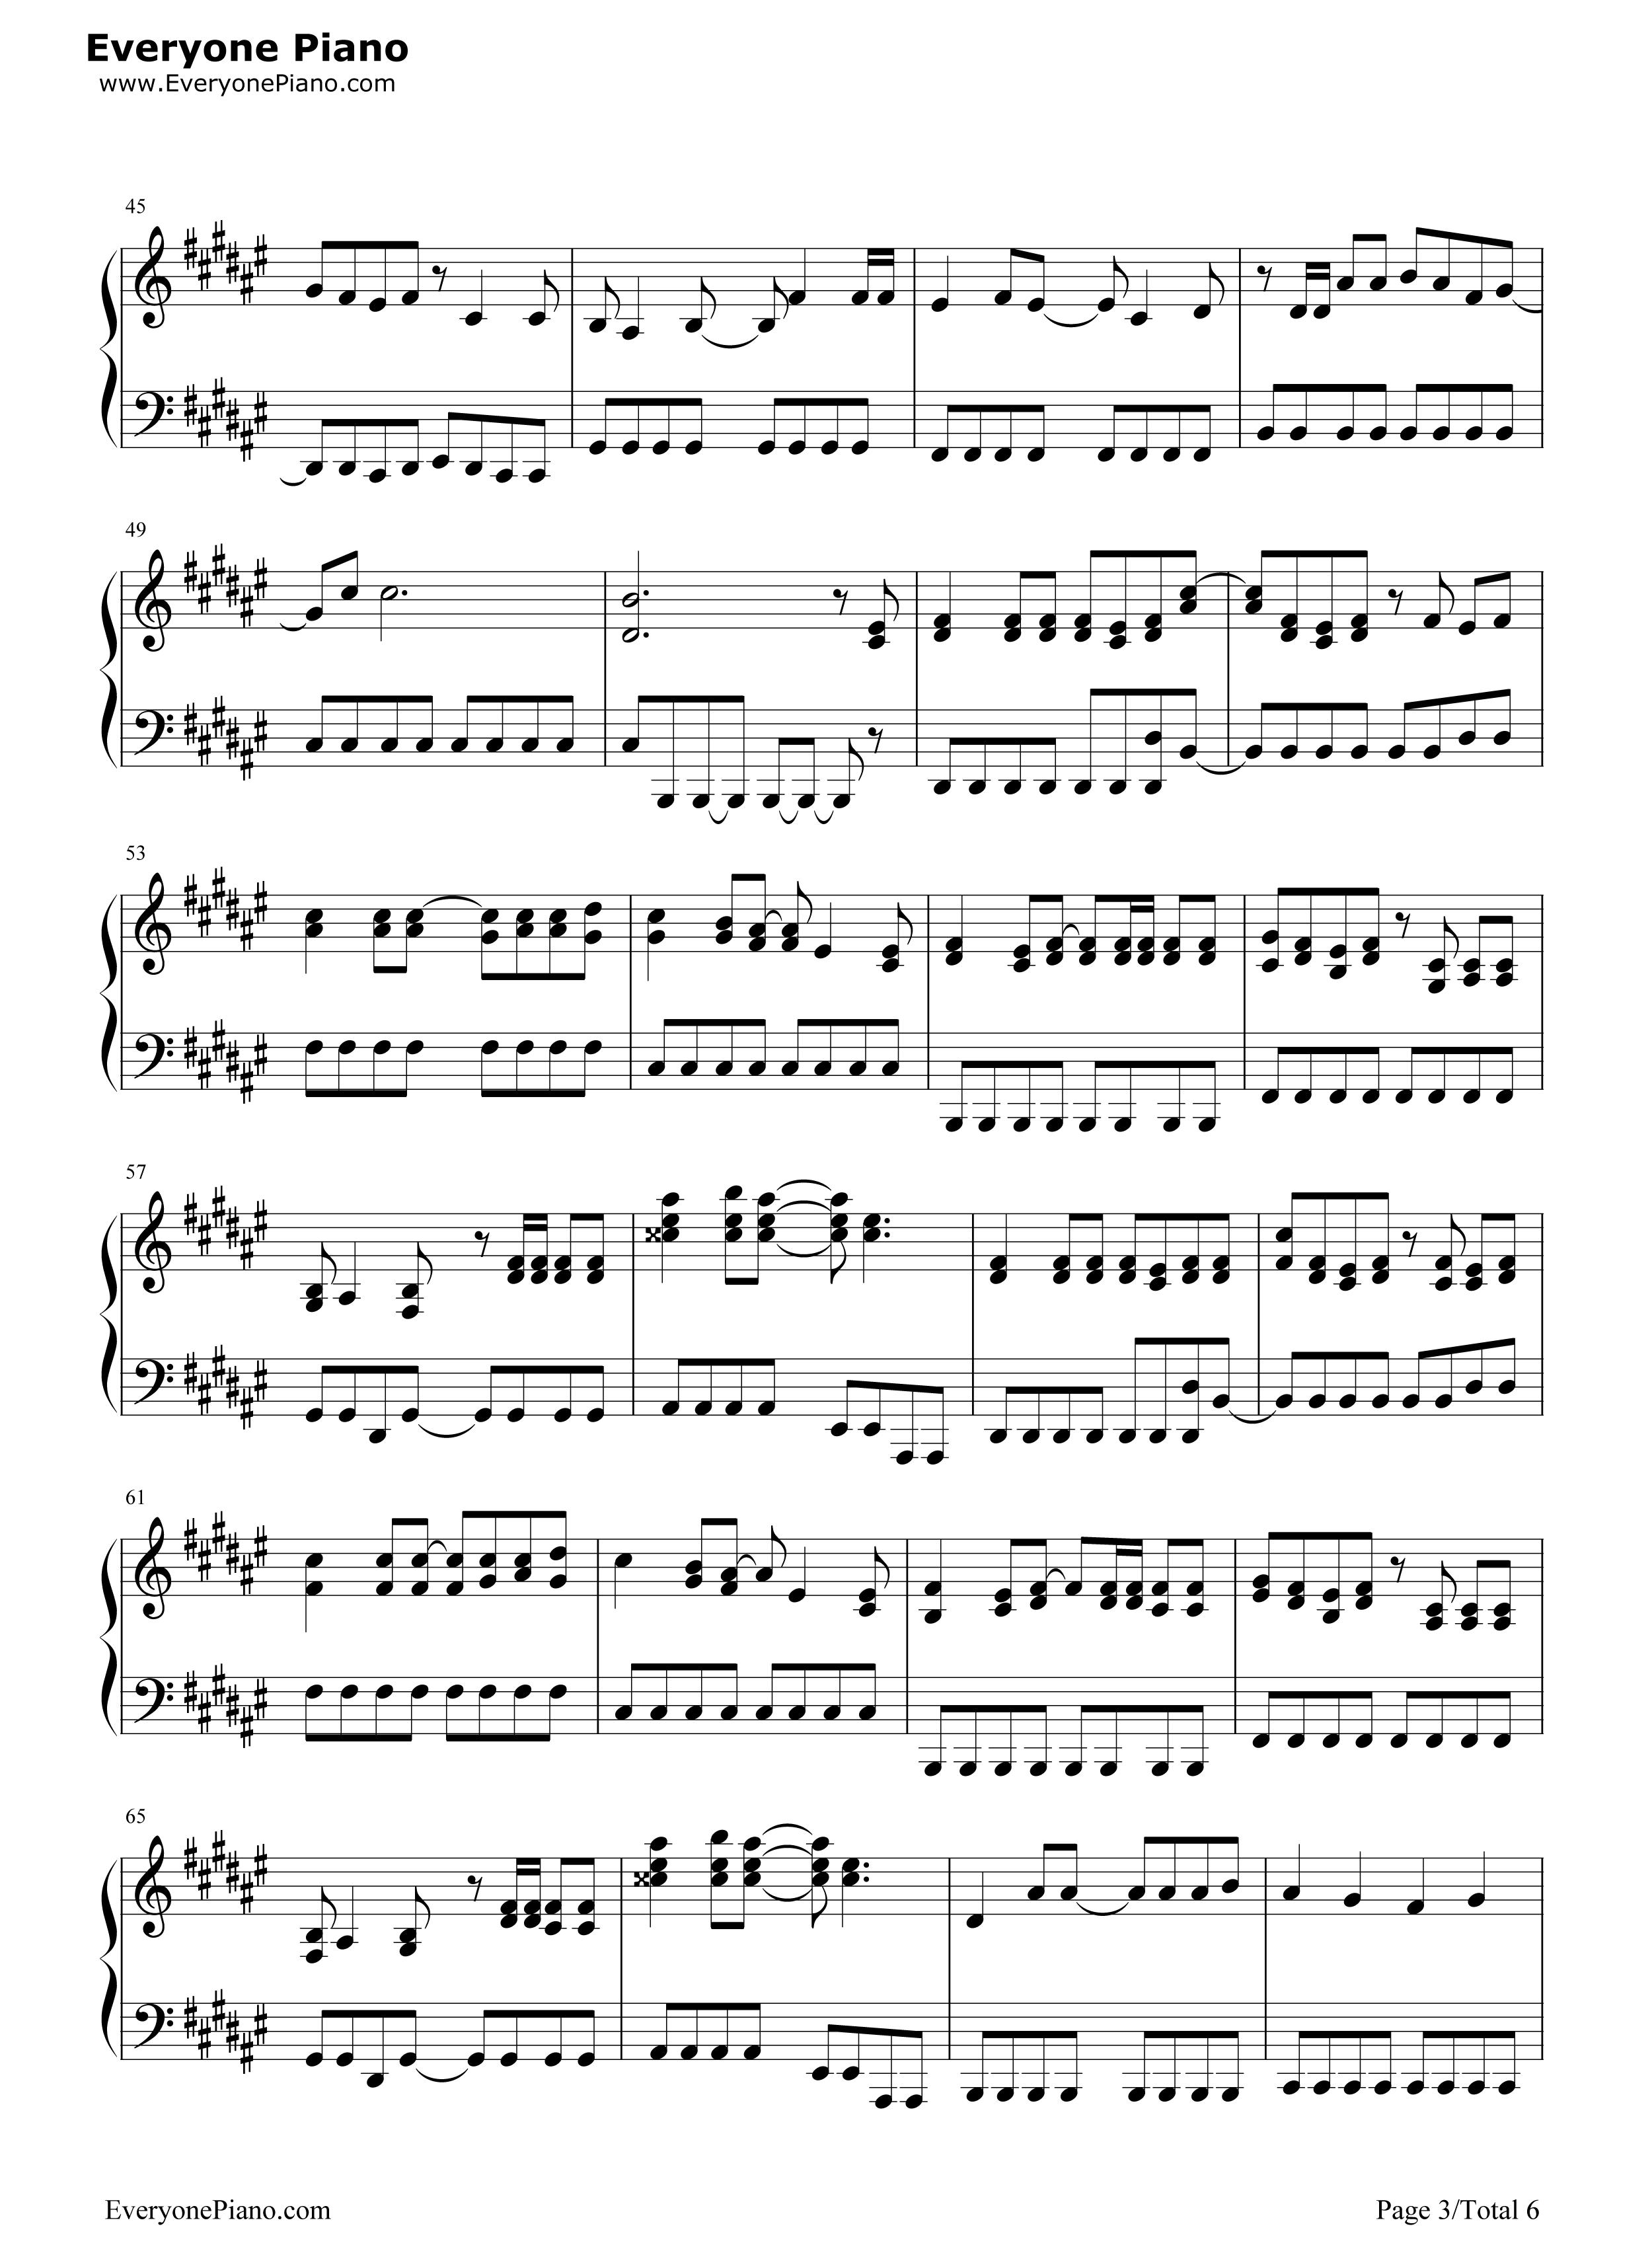 罗密欧与灰姑娘-镜音双子五线谱预览3